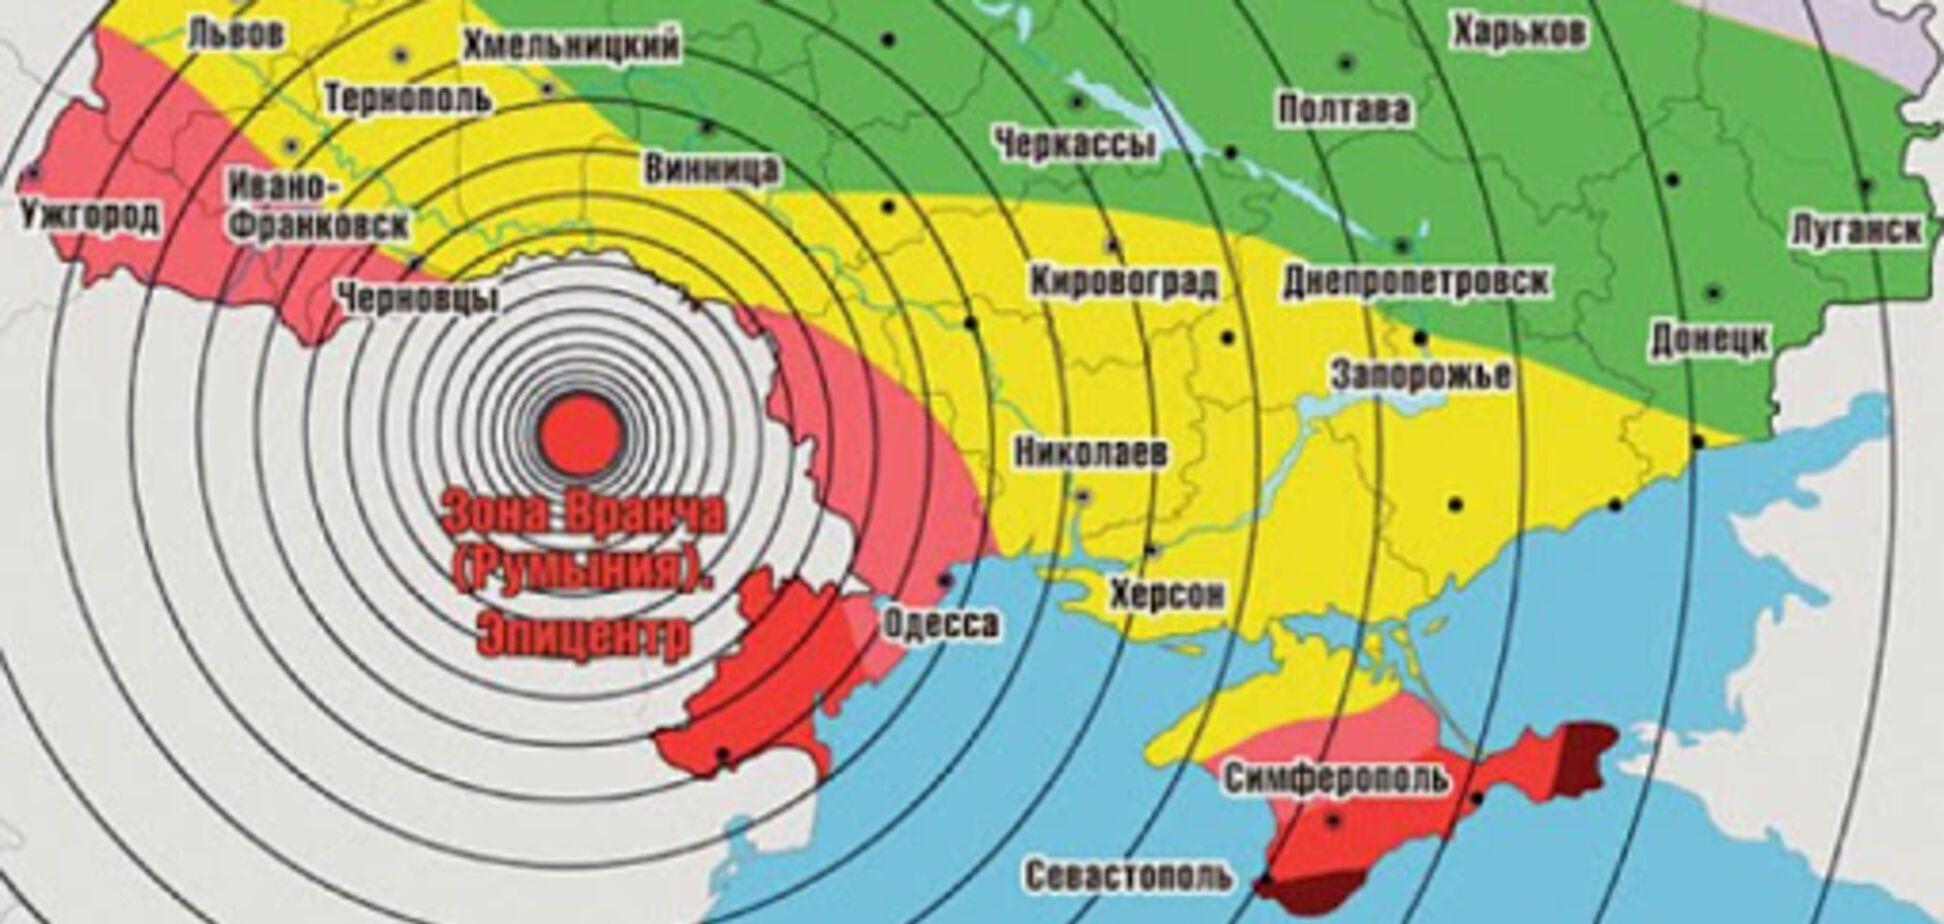 8 березня на Одещині відчули землетрус